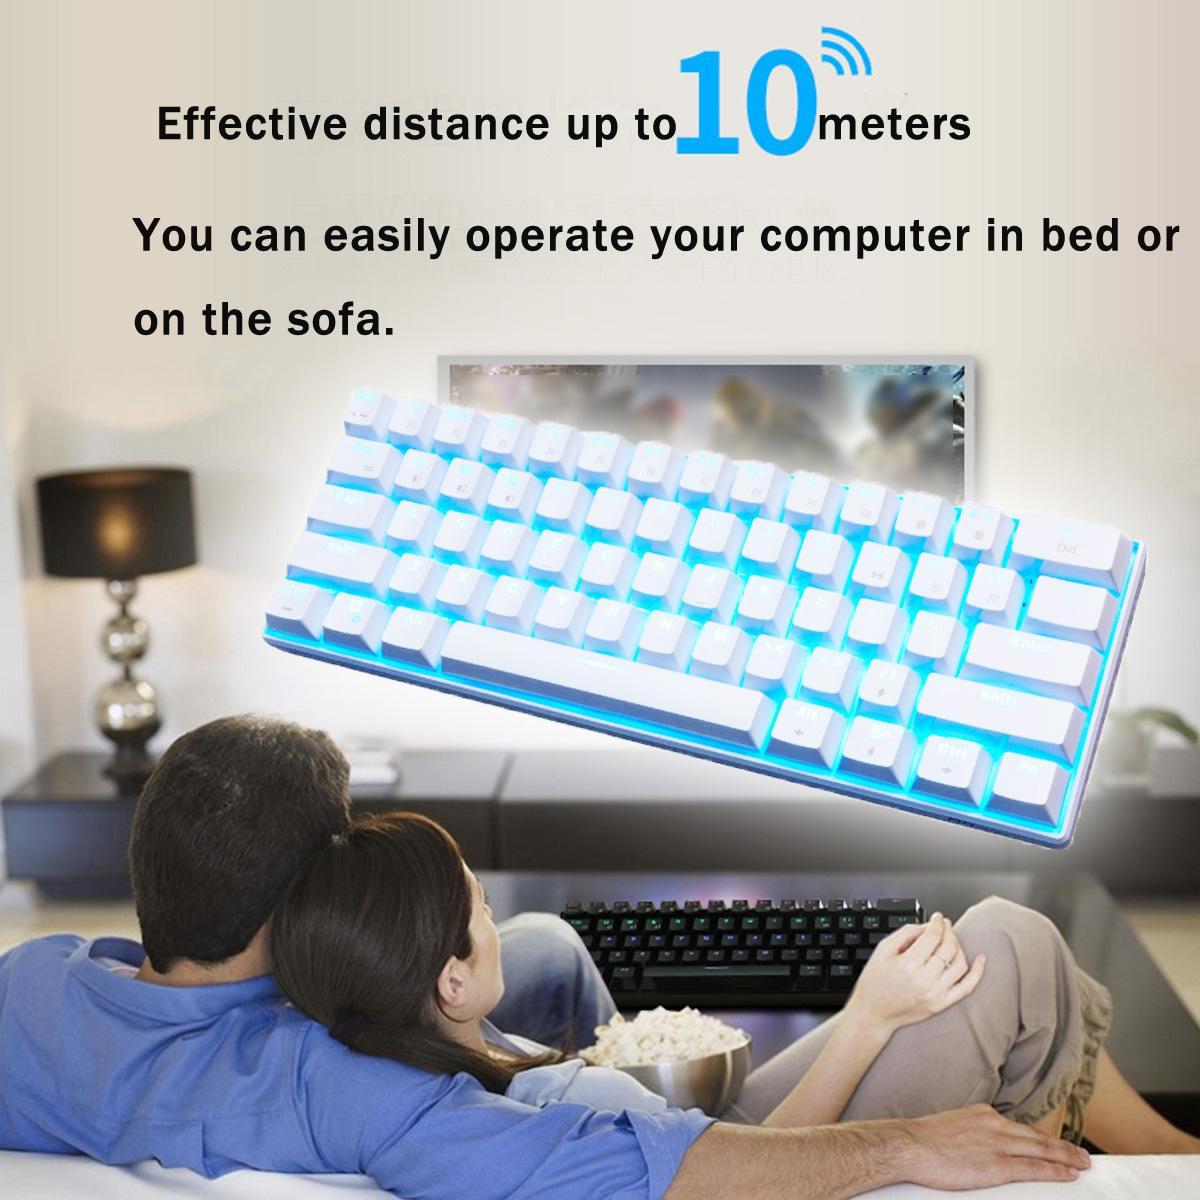 RK 61 Gateron commutateur RGB mécanique clavier de jeu LED bluetooth rétro-éclairé étanche pour la mise en page anglaise de bureau